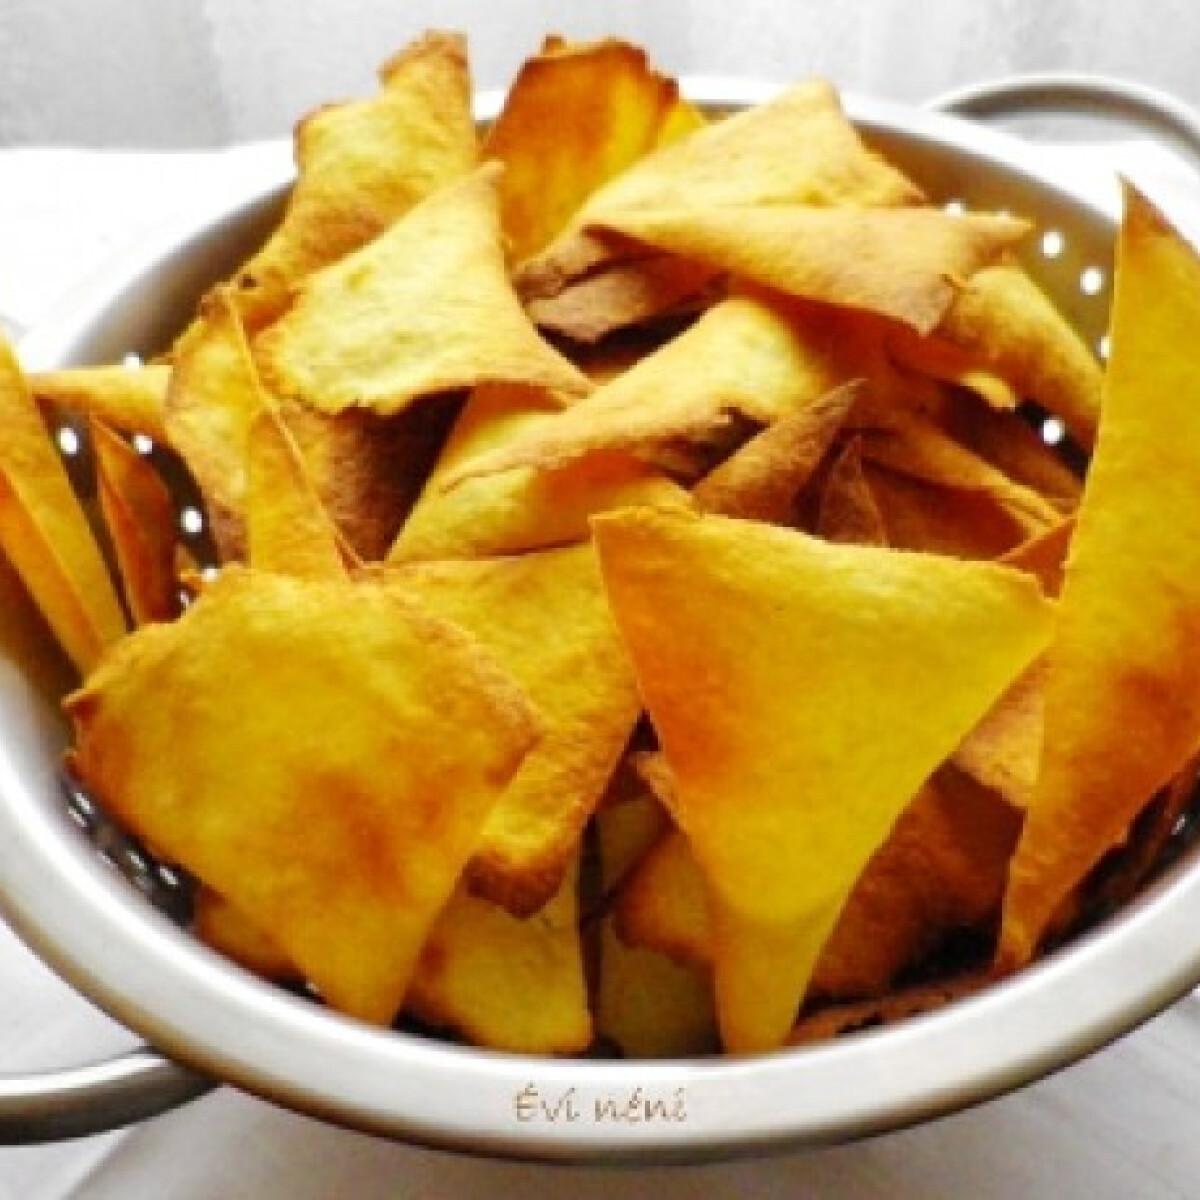 Ezen a képen: Tortilla chips Évi néni konyhájából